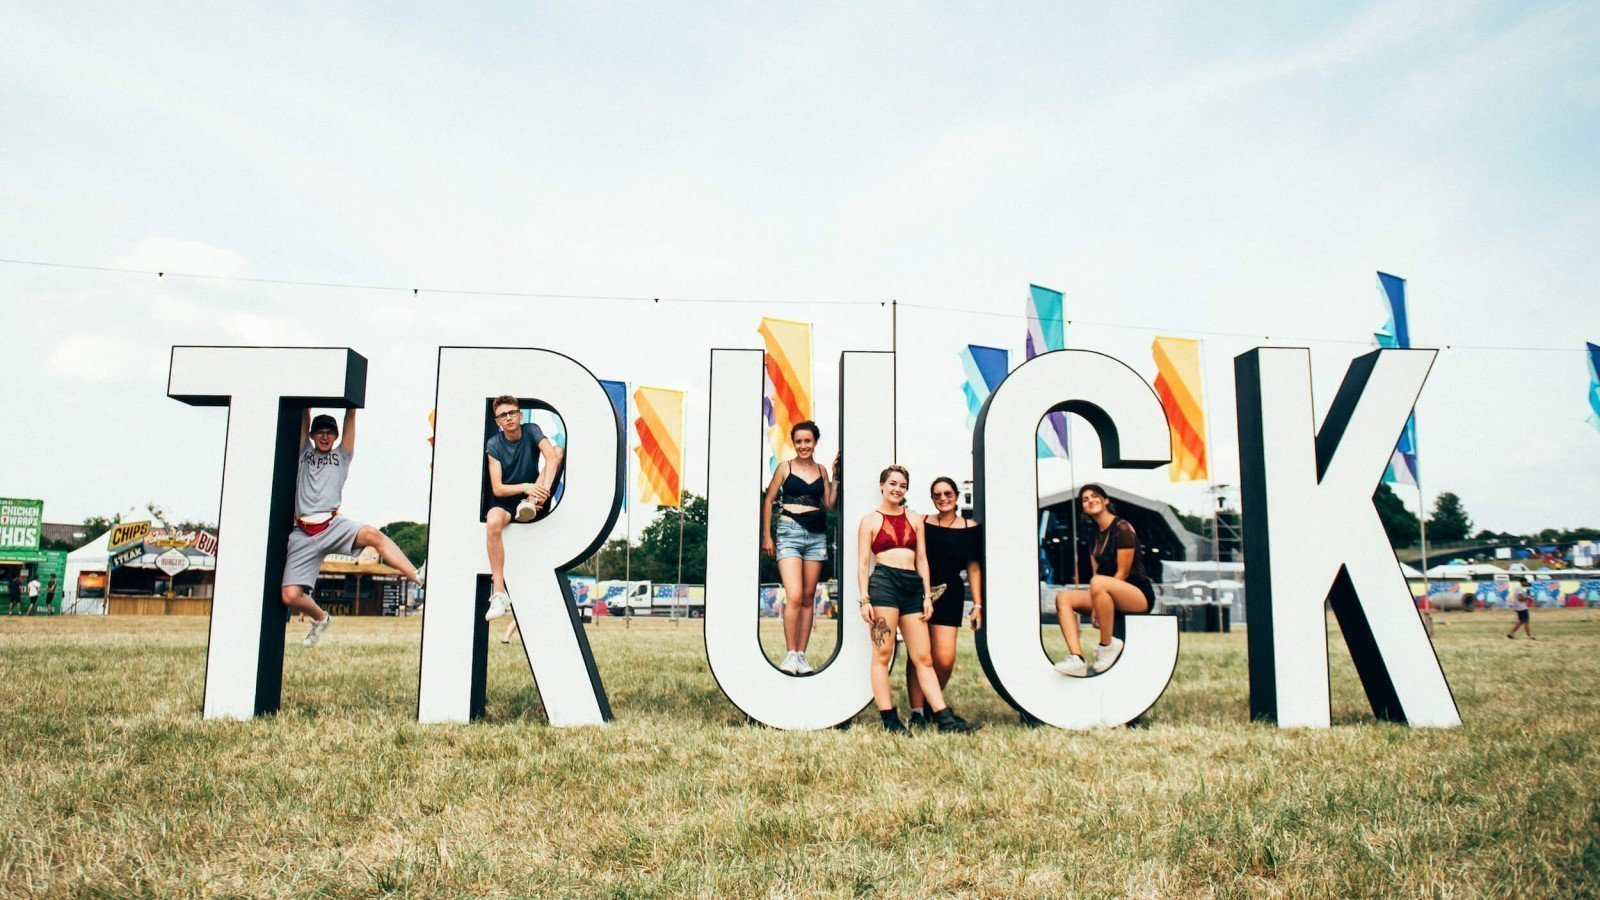 Truck Festival 2019 Oxfordshire